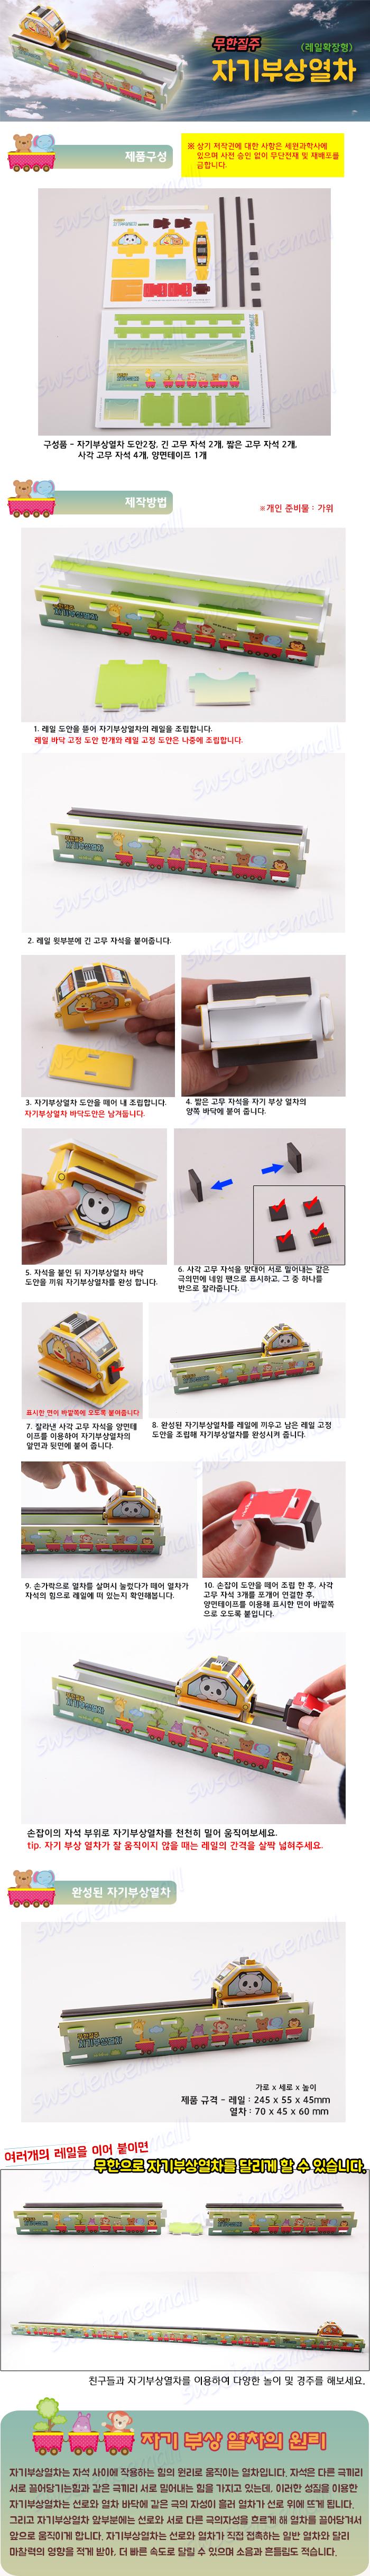 무한질주 자기부상열차(레일확장형).jpg